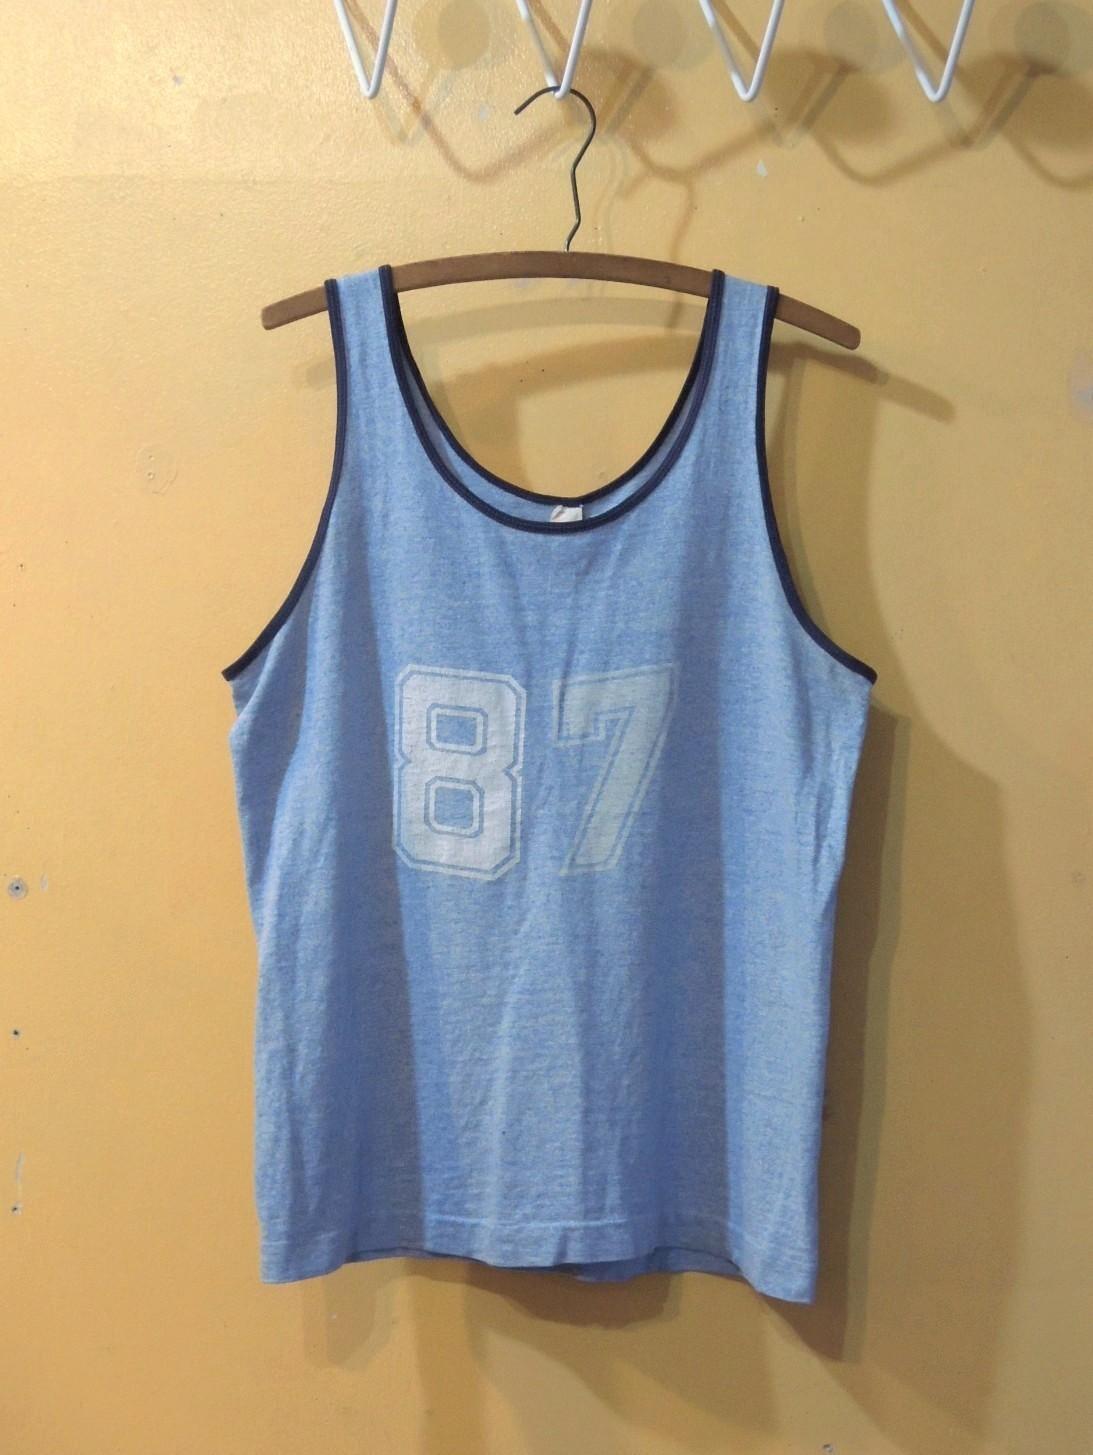 sportsweartanktop01.JPG